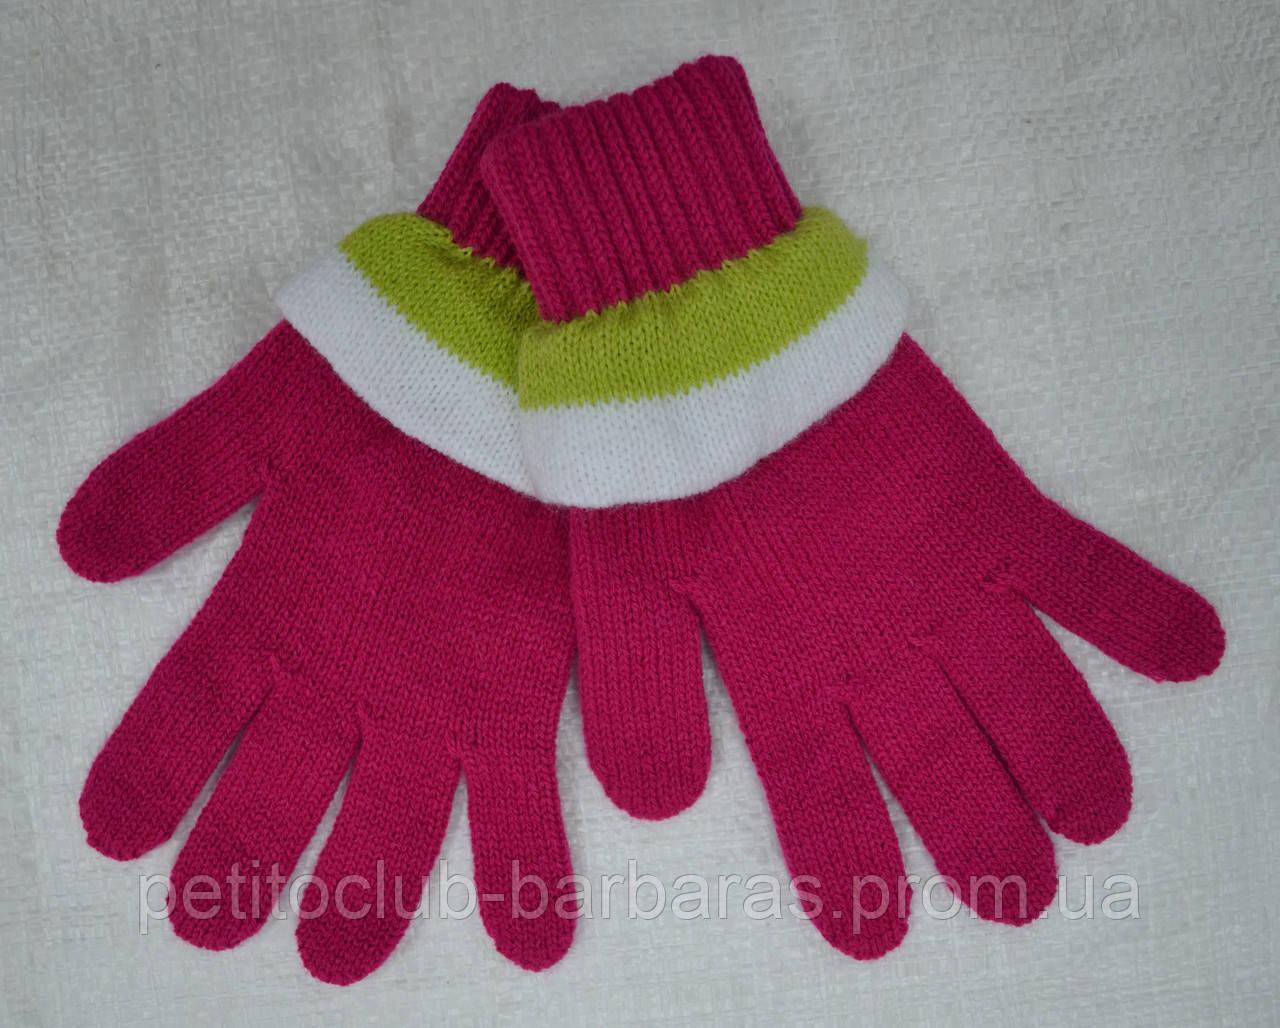 Рукавички для дівчинки AXG темно-рожеві (MargotBis, Польща)